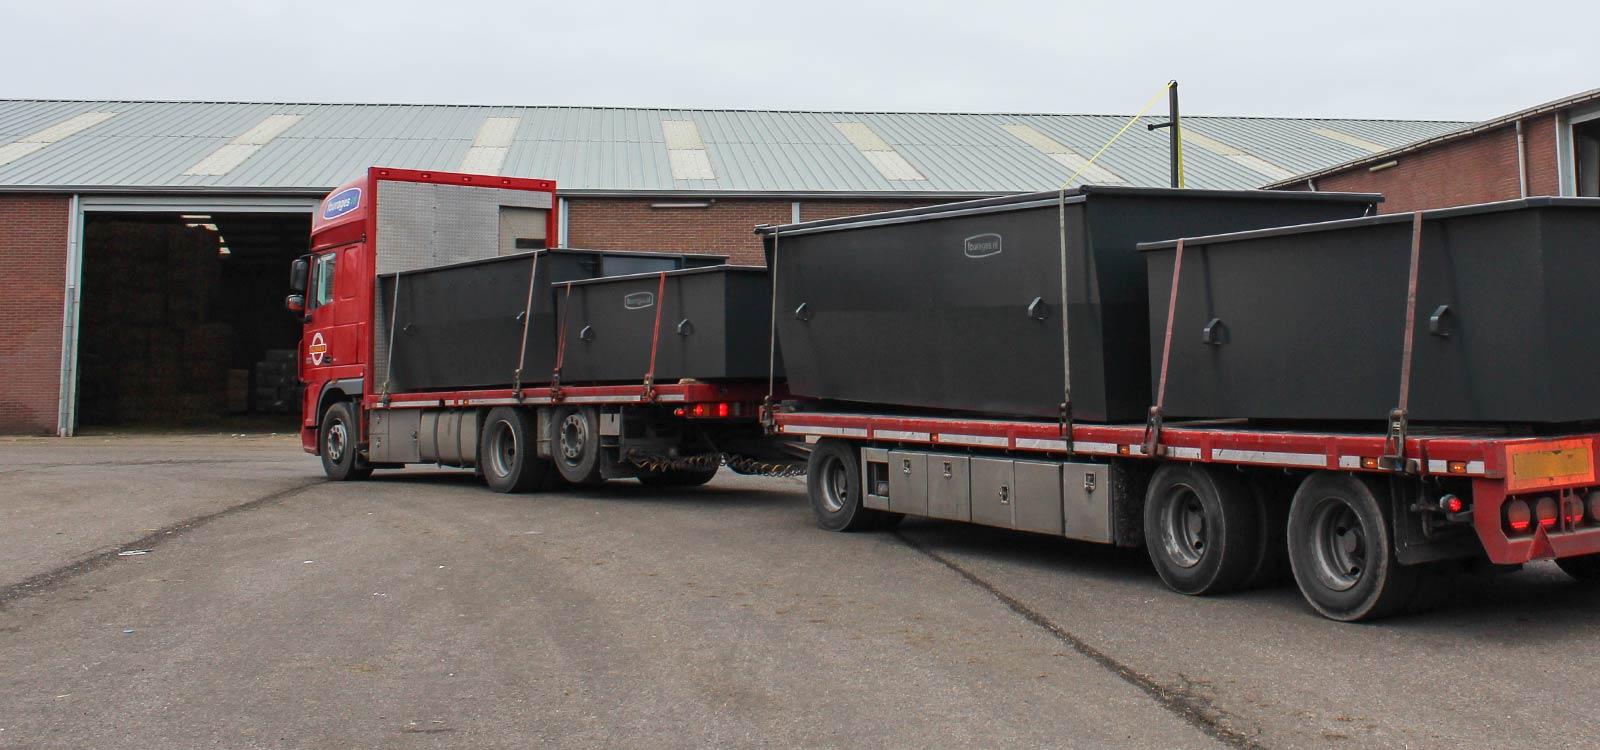 wat-is-de-beste-paardenmest-container